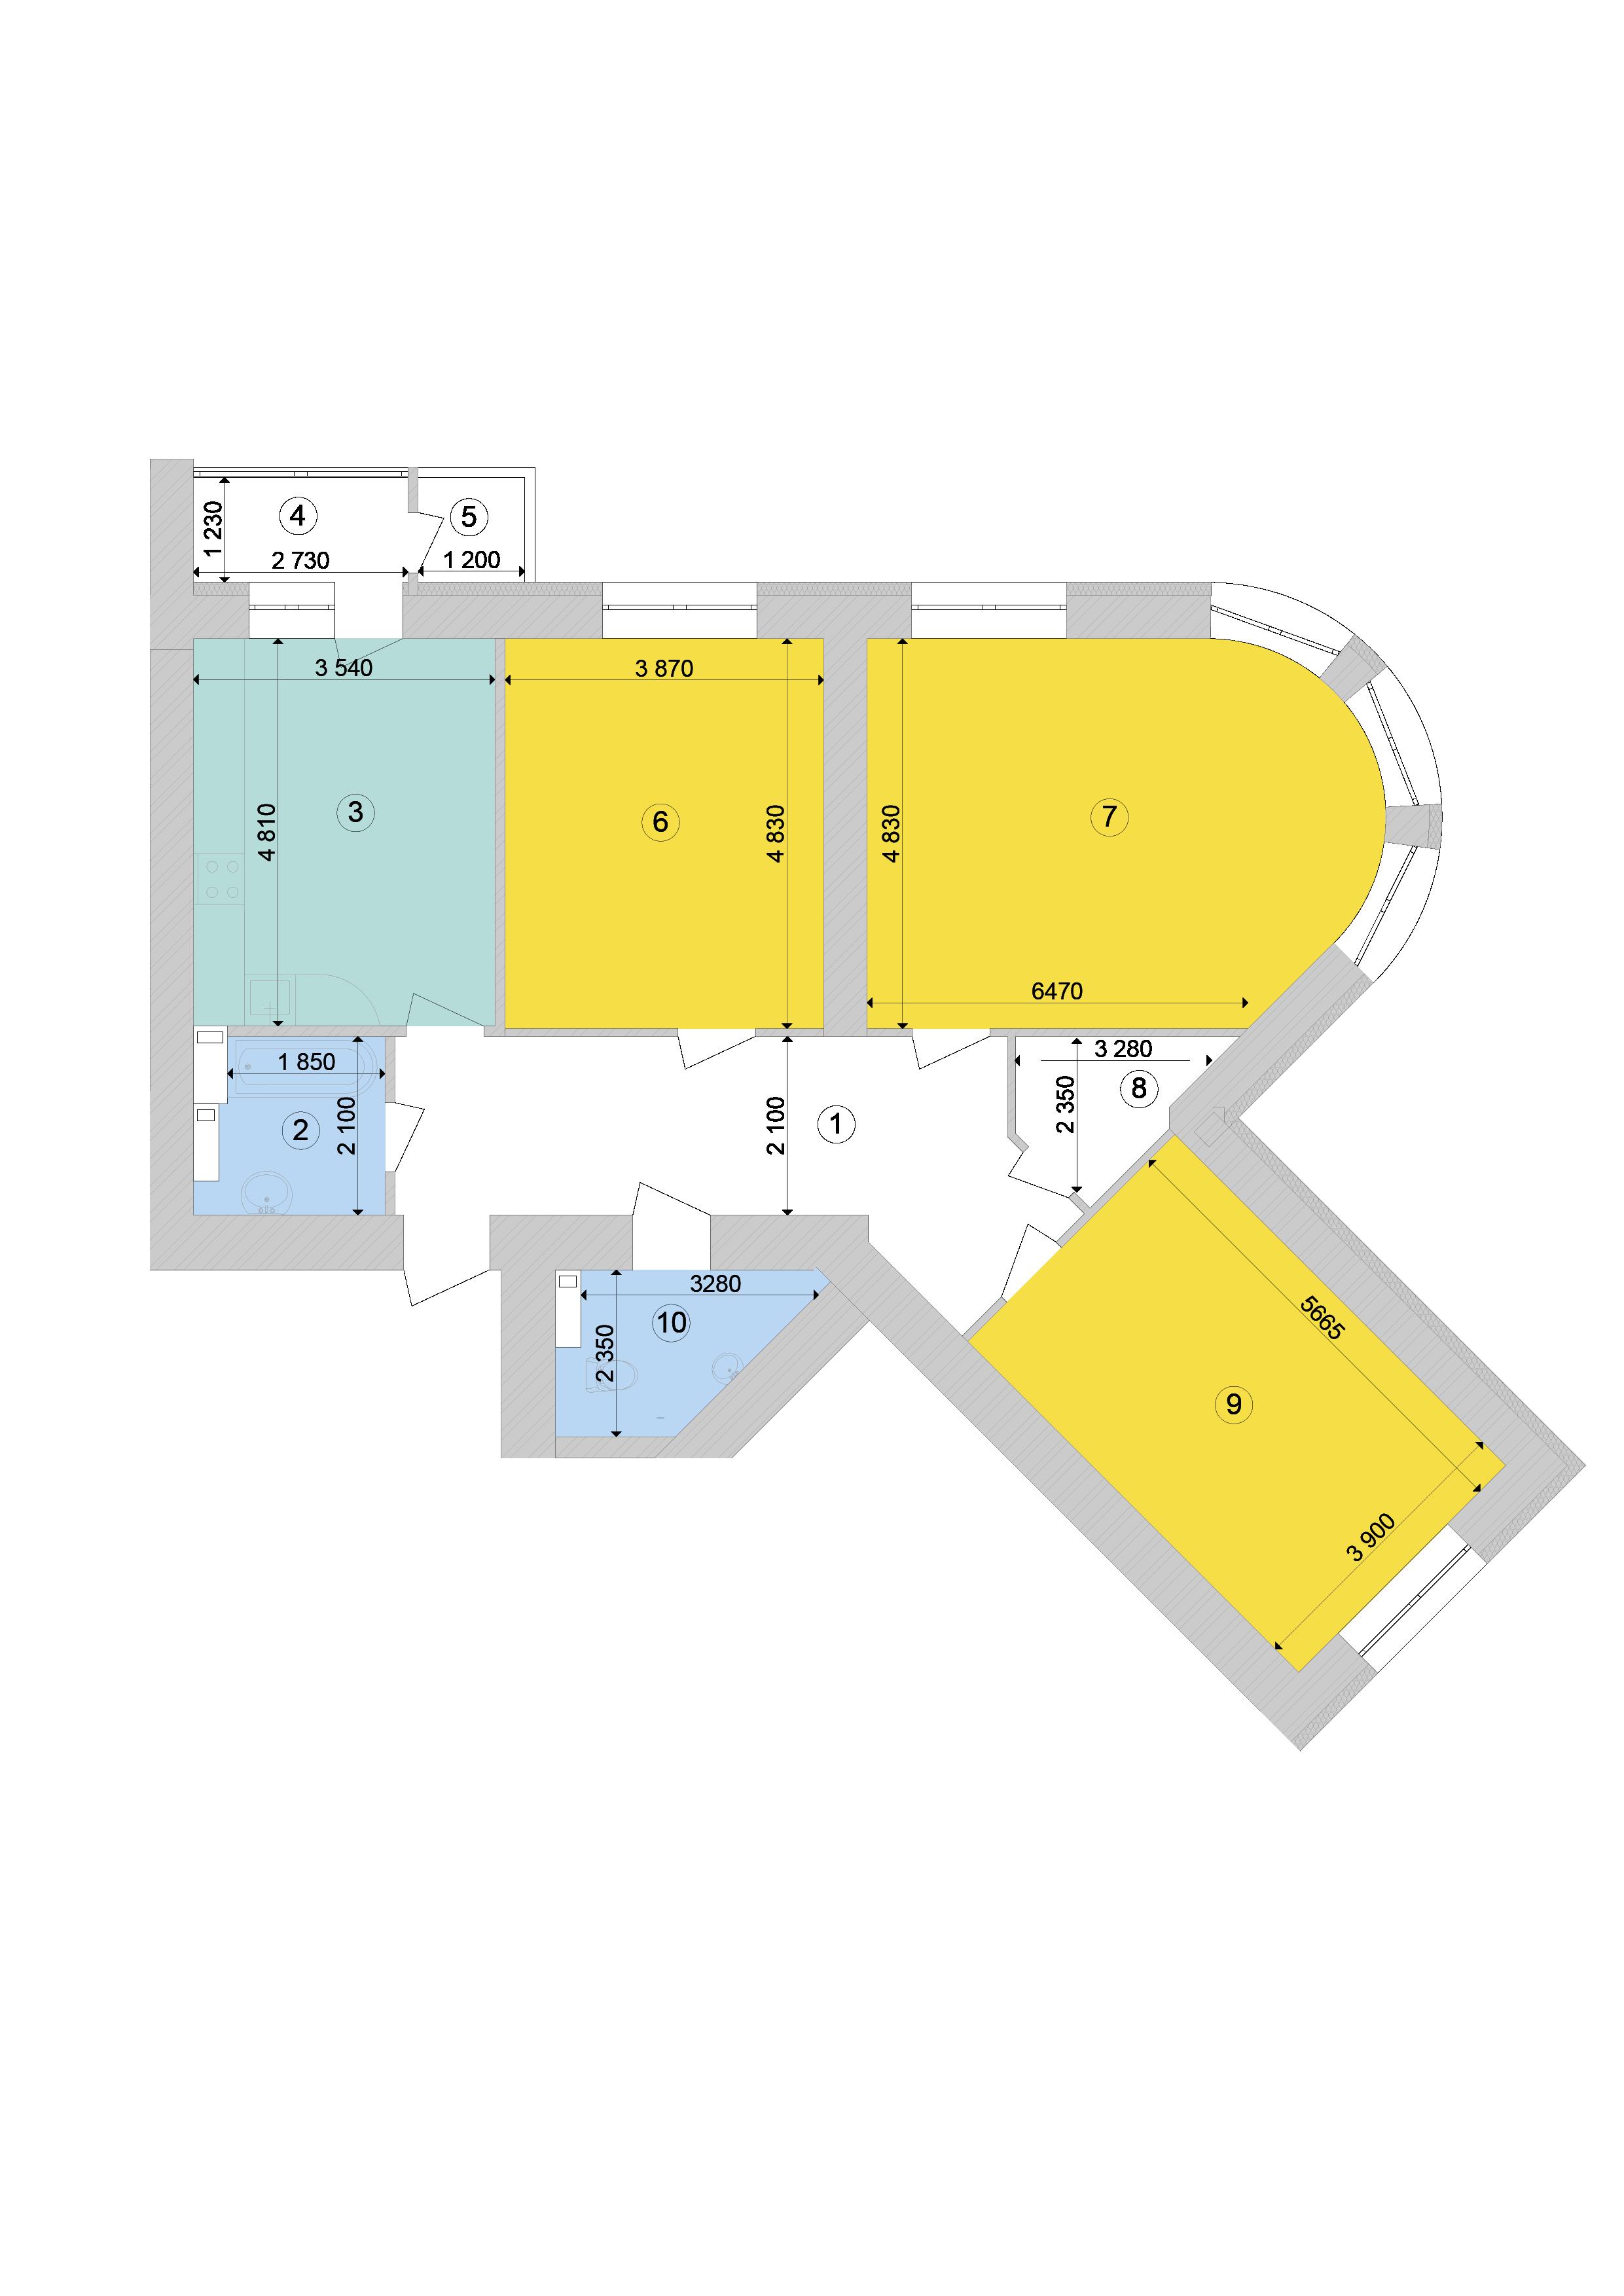 Купить Трехкомнатная квартира 118,4 кв.м., тип 3.4, дом 1, секция 9 в Киеве Голосеевский район